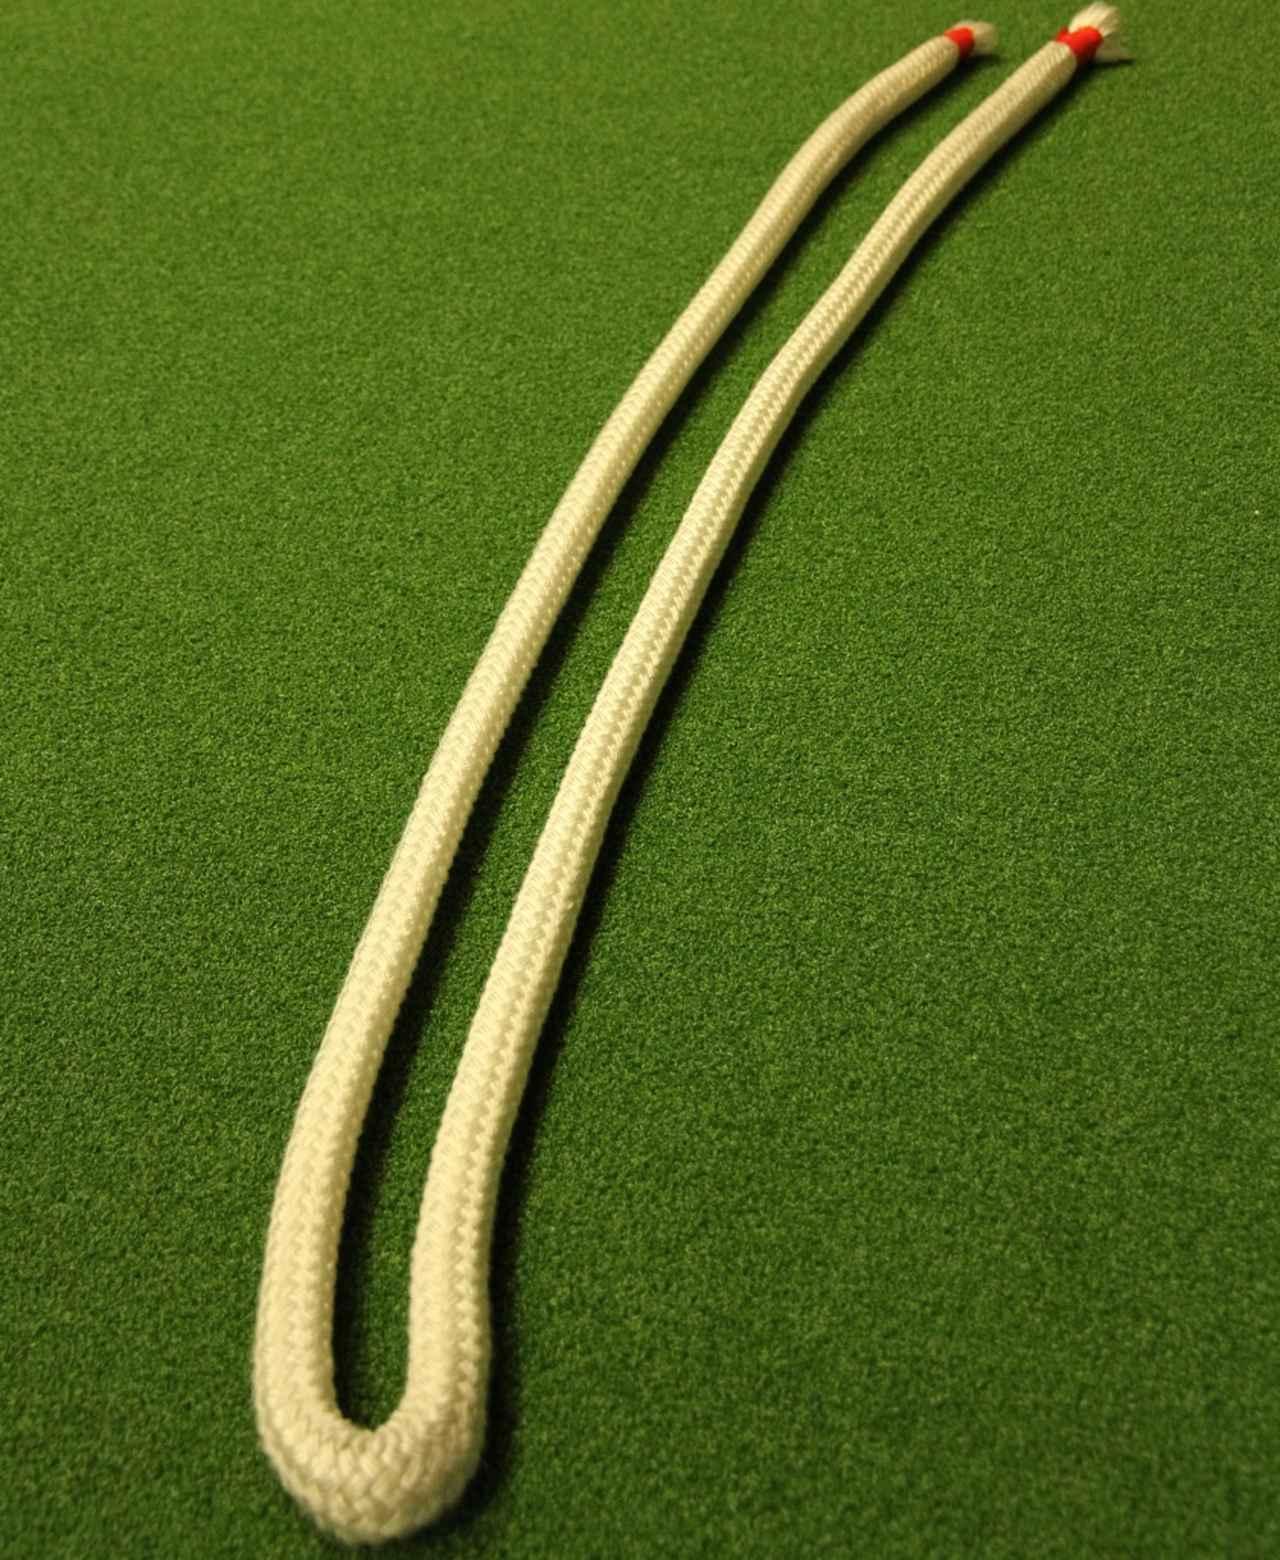 画像: 船の係留などに使うロープ。直径20ミリ程度の太めのものを、2メートルほどの長さに切り、それを半分に折って使う